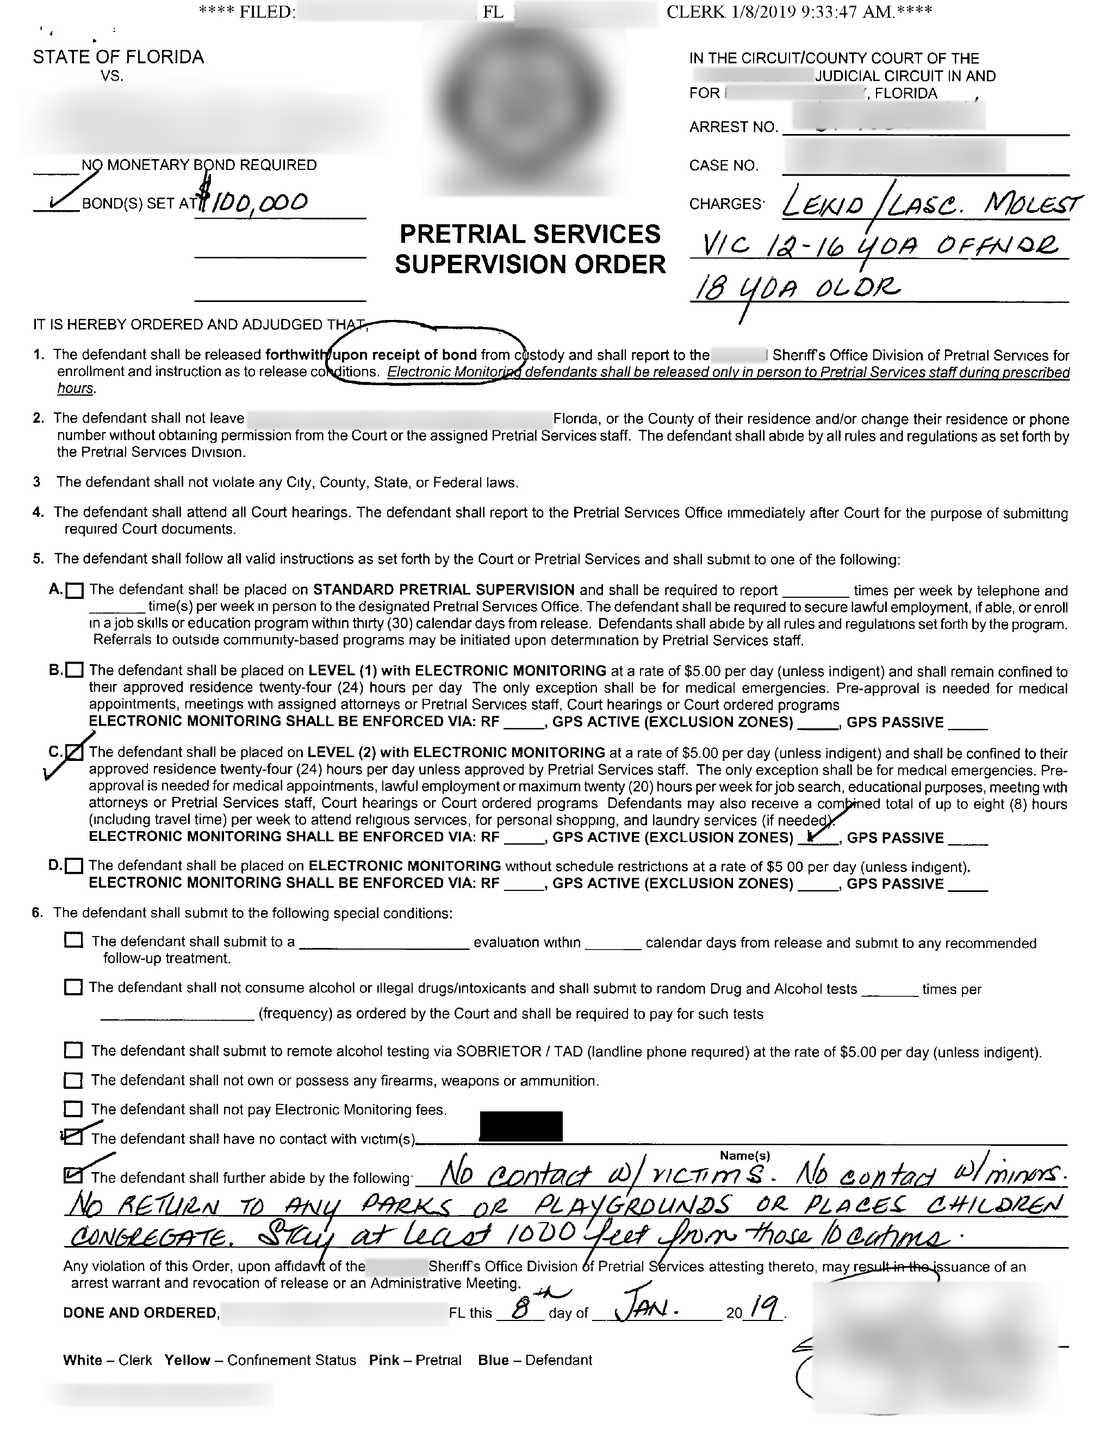 Dokument från den lokala polismyndigheten.